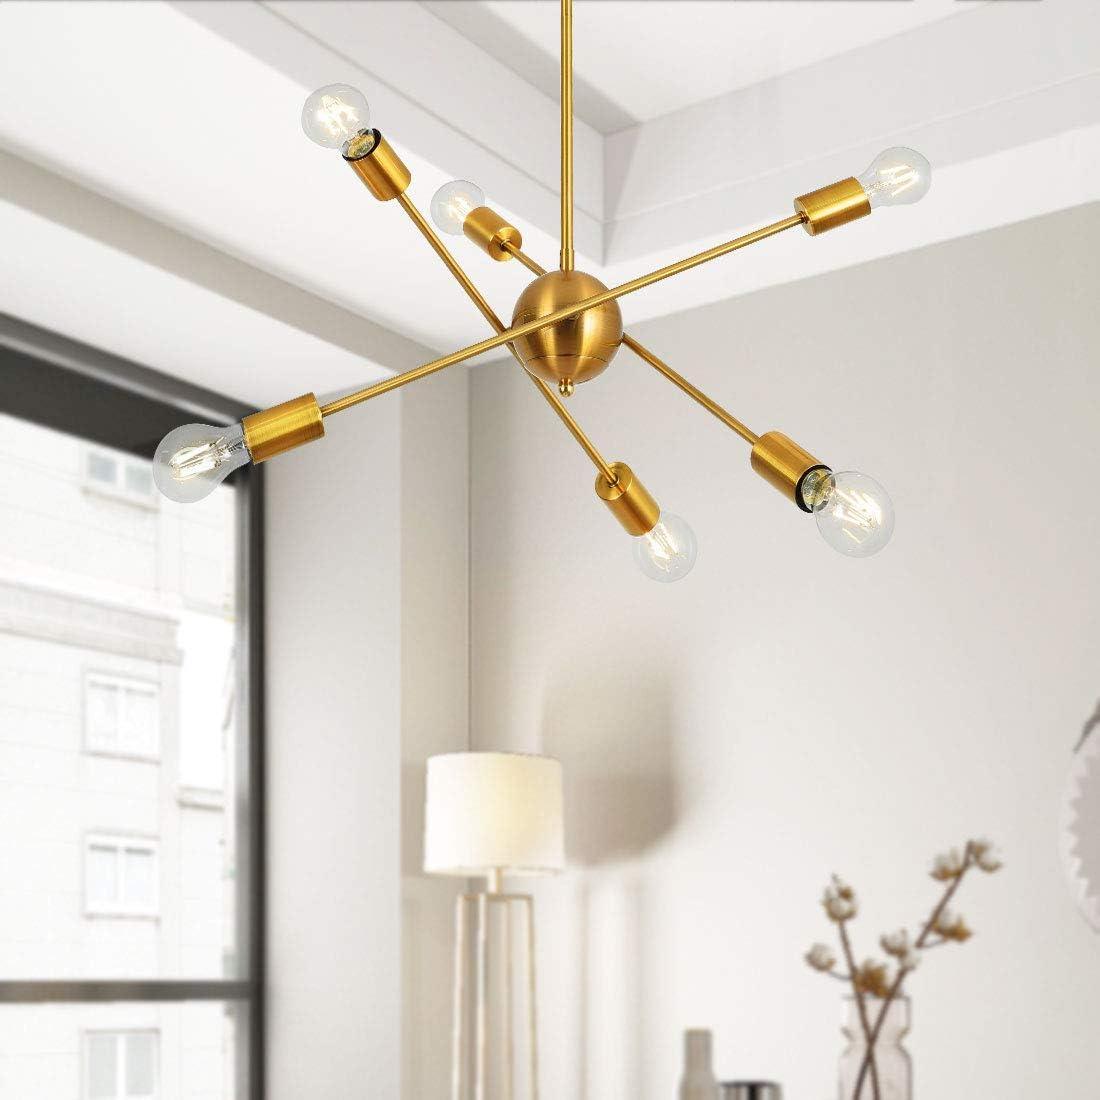 Sputnik Chandelier 6 Lights Gold Rotatable Modern Ceiling Light Adjustable Arms Industrial Vintage Pendant Lighting Fixture for Kitchen Dining Room Living Room